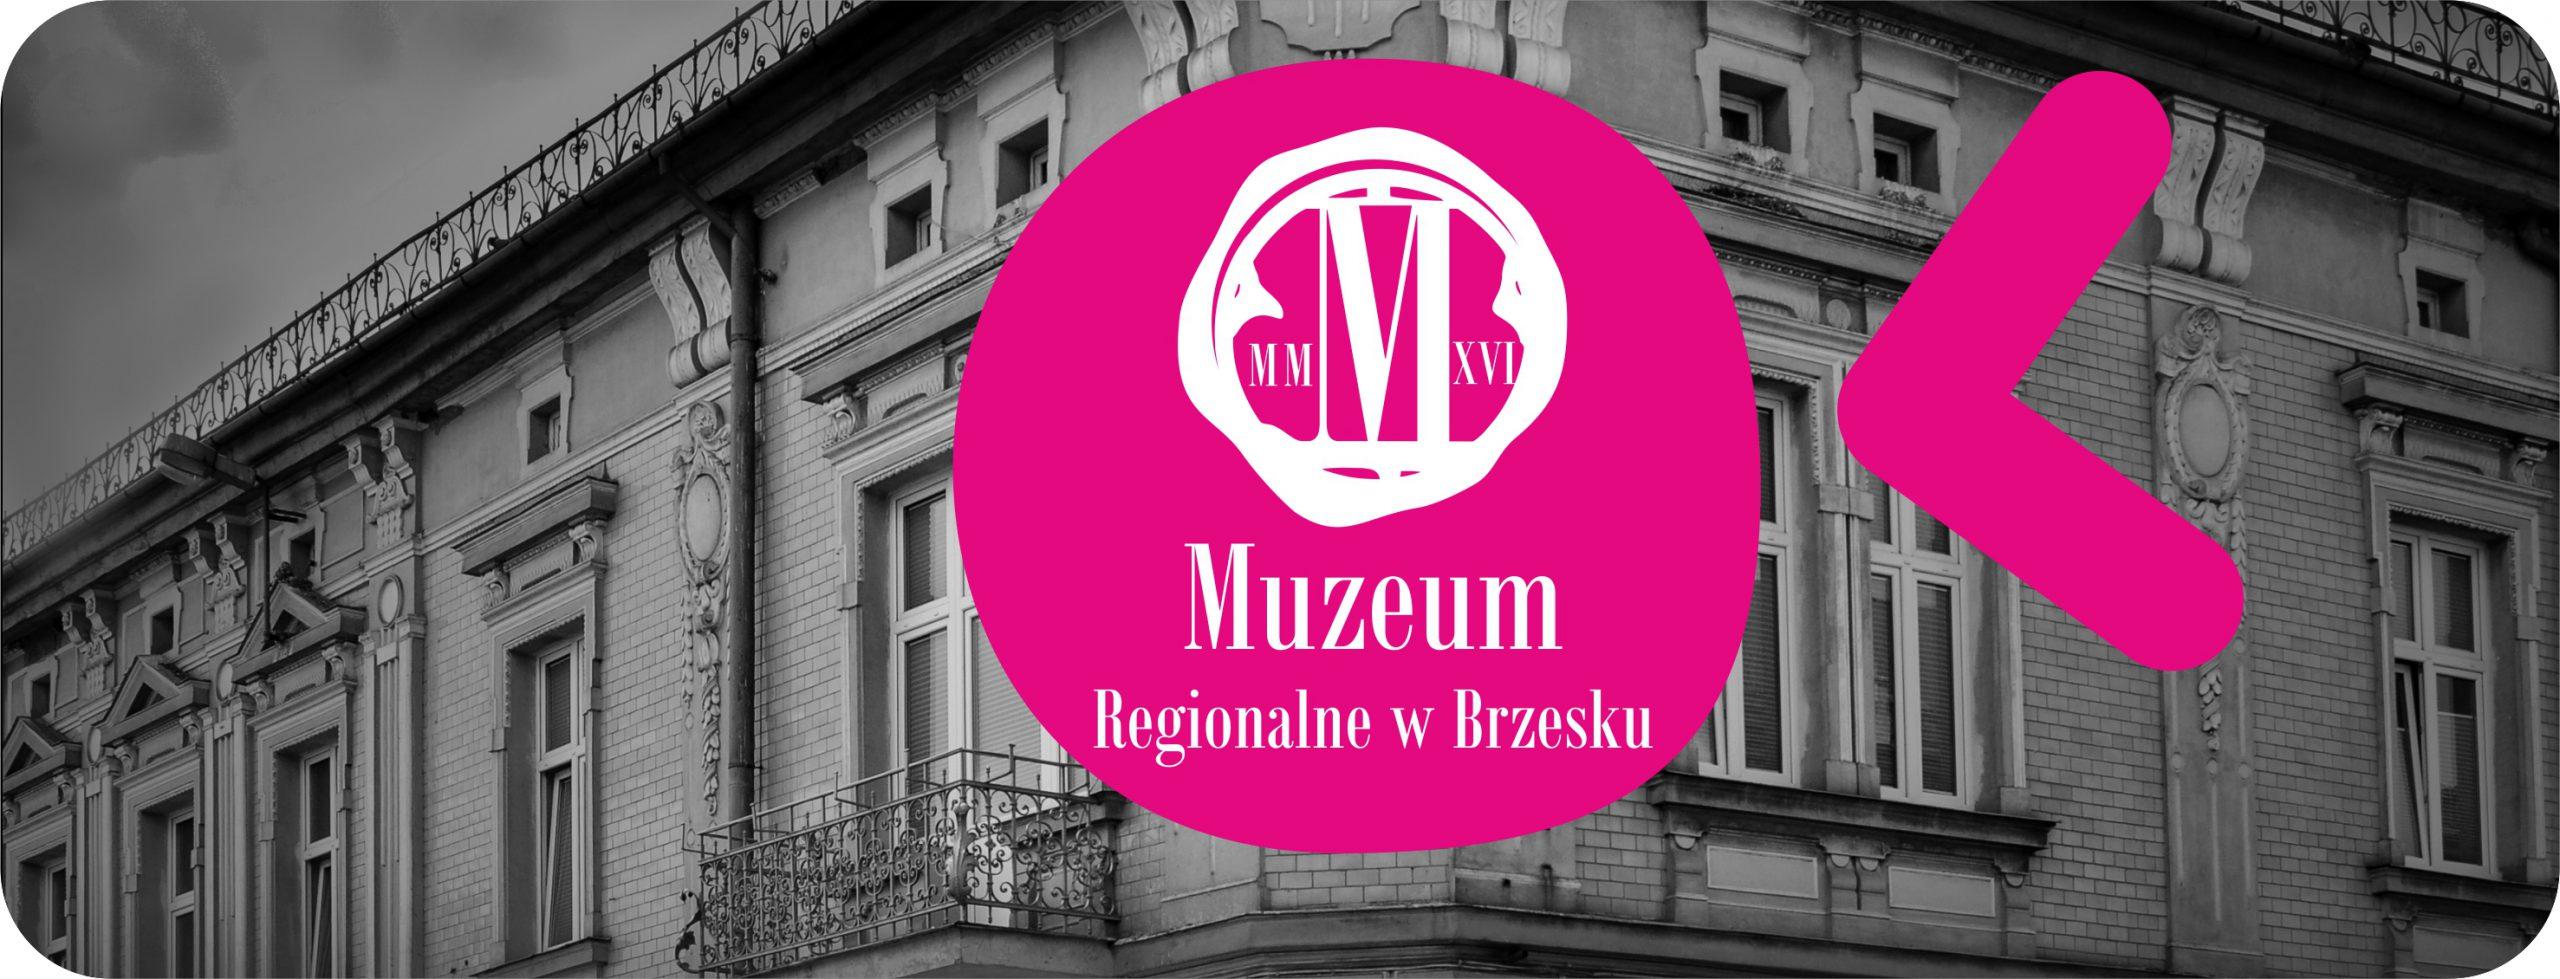 Muzeum Regionalne w Brzesku